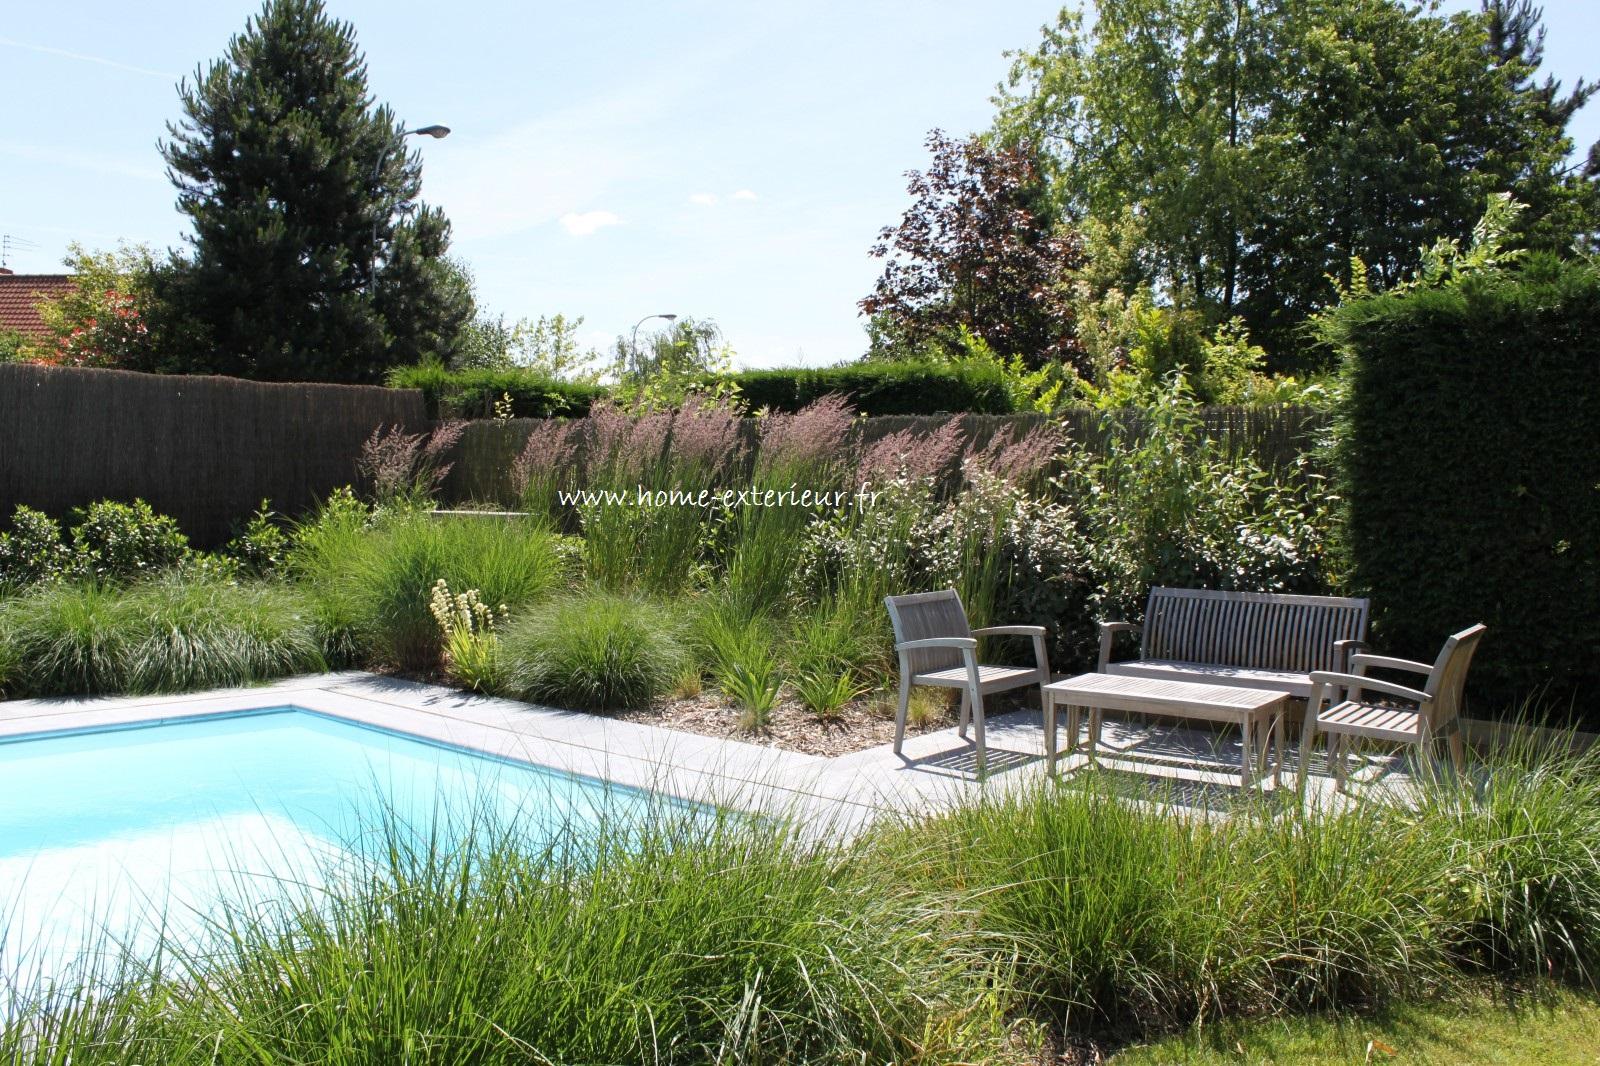 Am nagement abords de piscines et spas home ext rieur - Amenagement bord de piscine ...